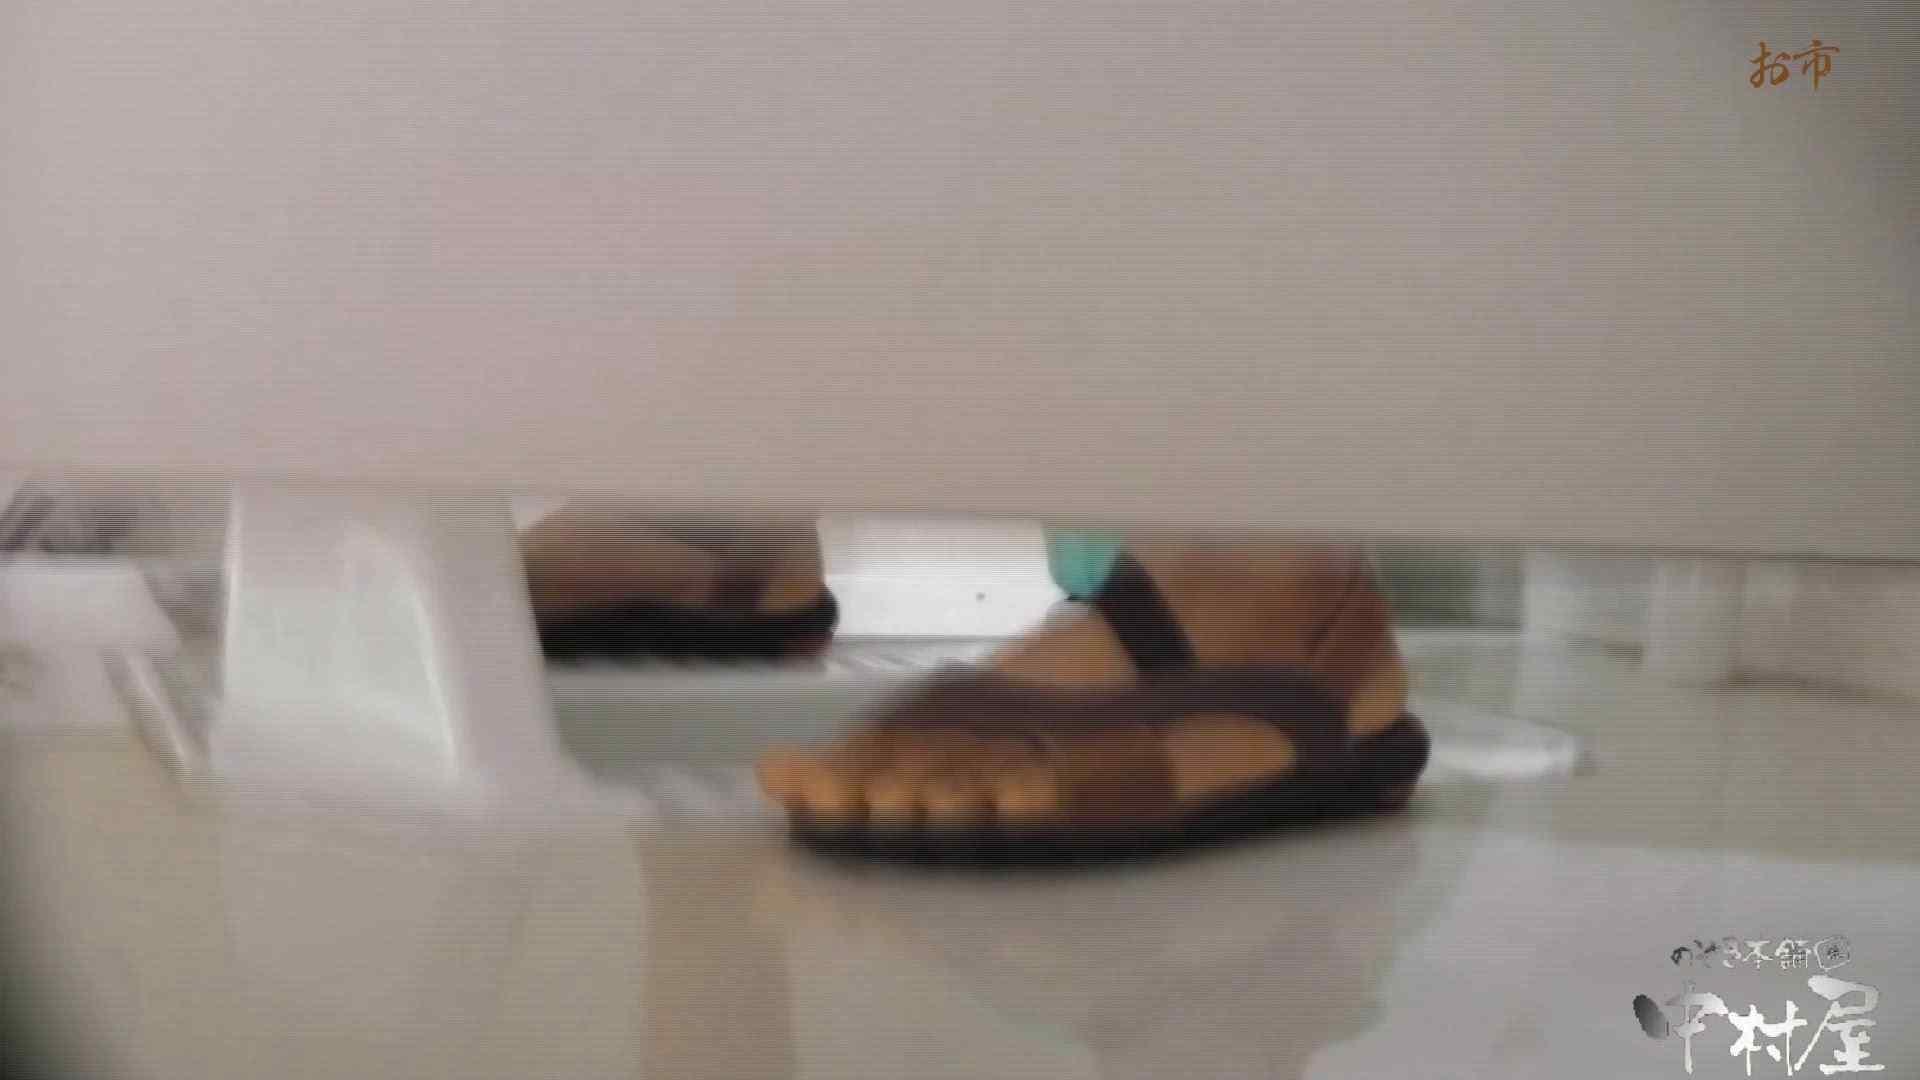 お市さんの「お尻丸出しジャンボリー」No.15 トイレ 盗撮画像 107PIX 4